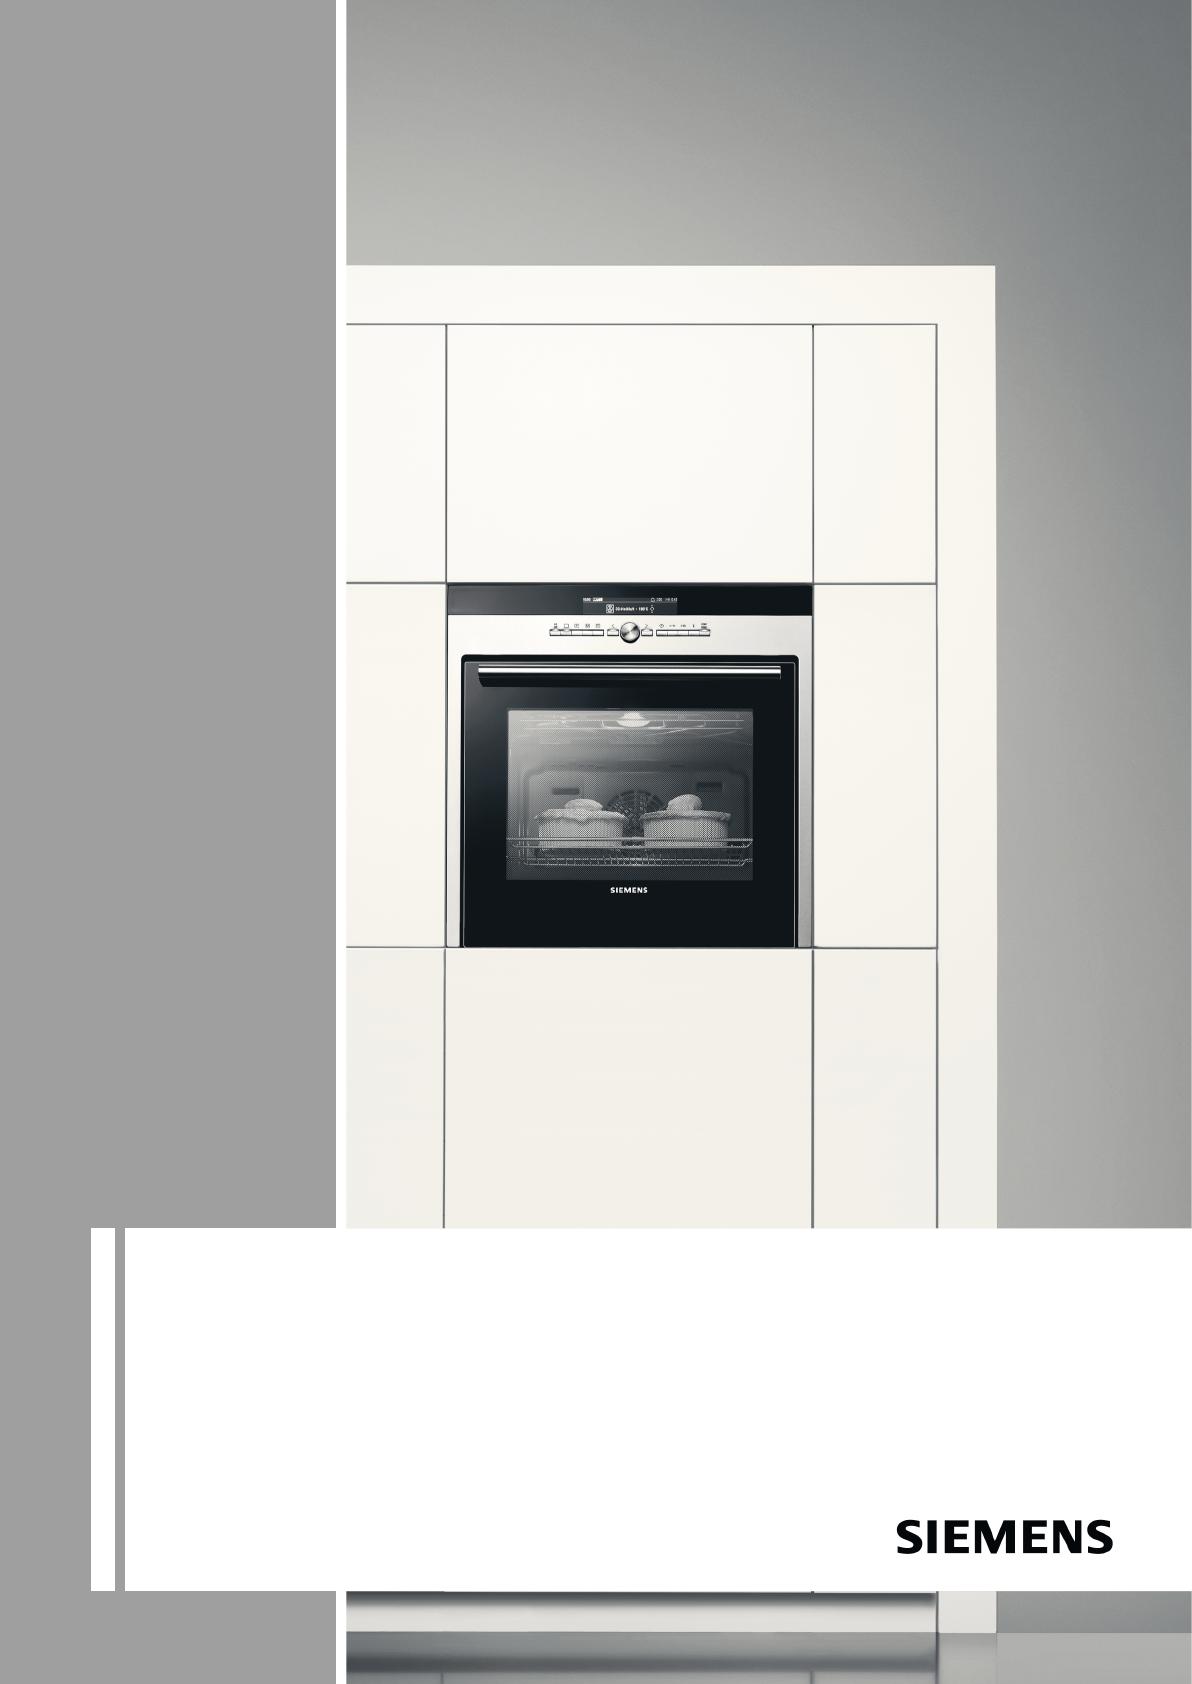 Siemens stoomoven gebruiksaanwijzing